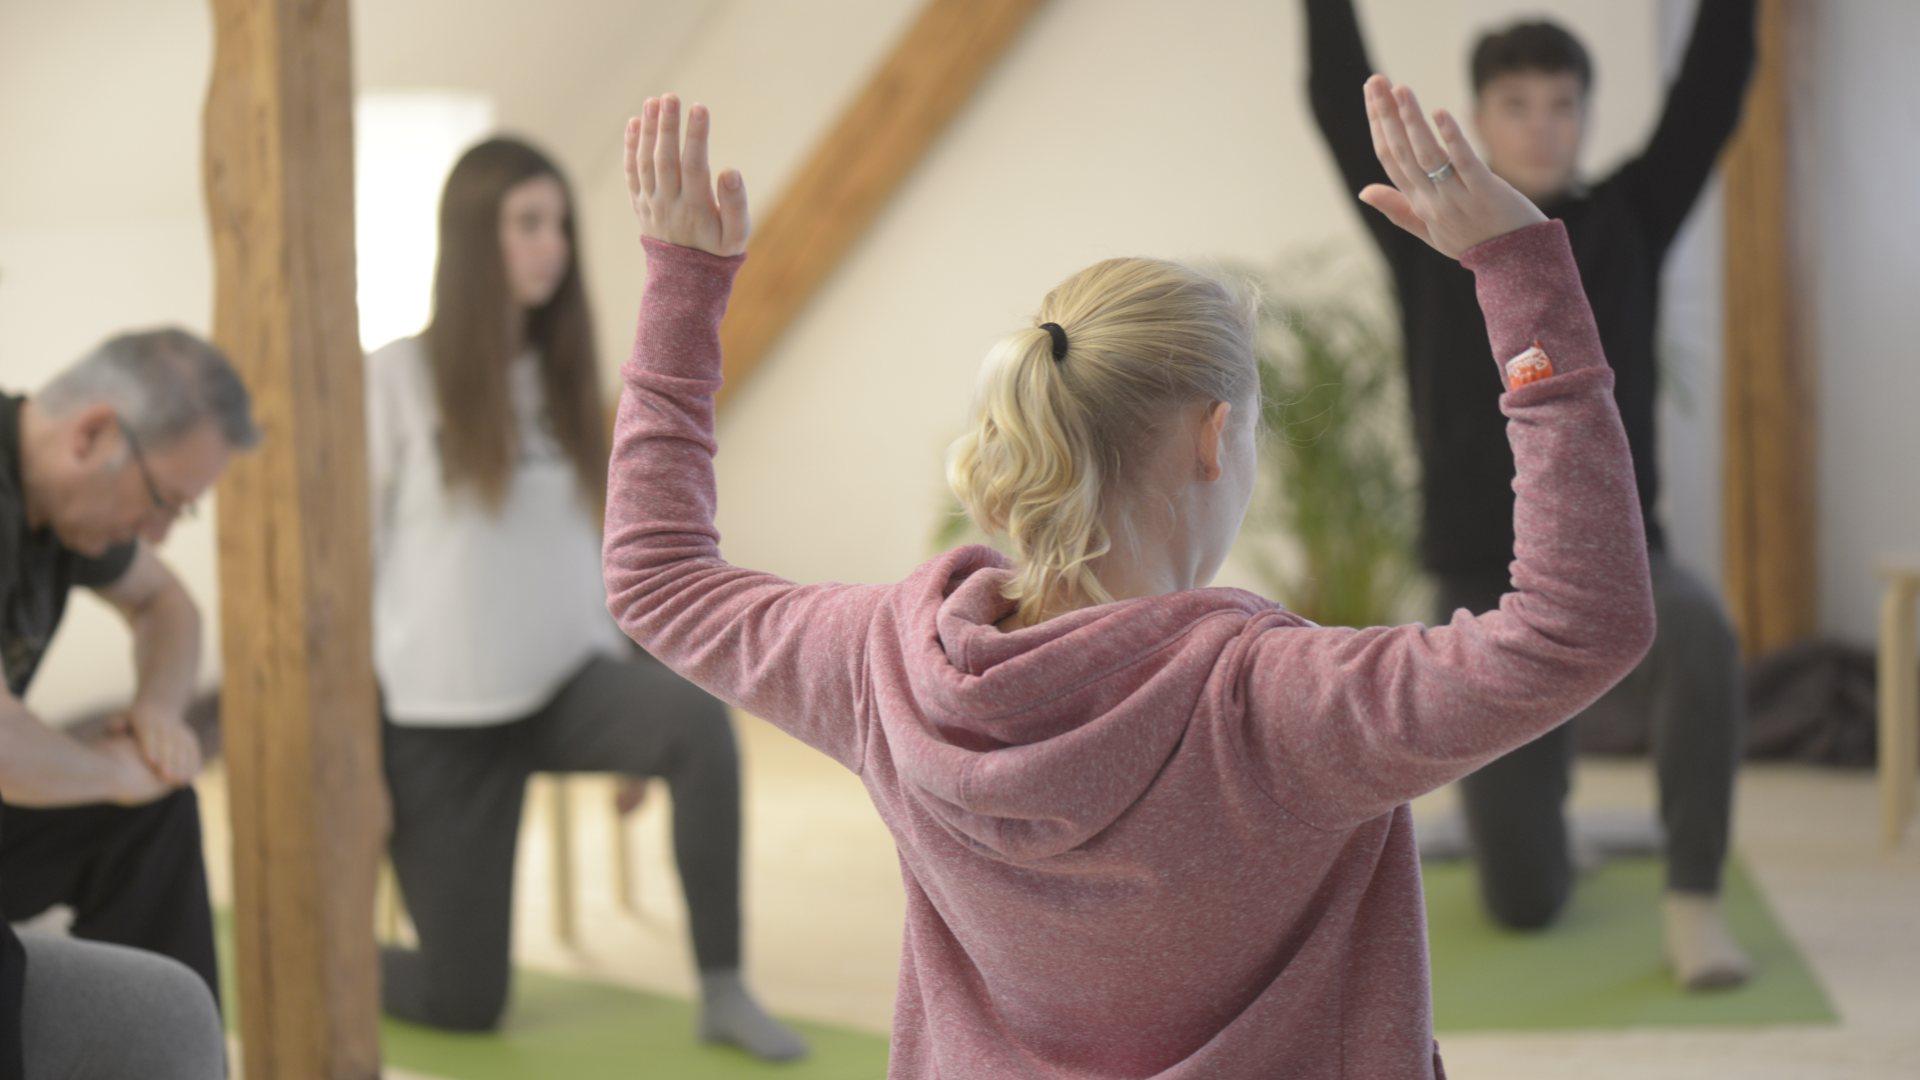 Yoga Herford: Im Gruppenunterricht und im Einzelunterricht wird darauf geachtet, dass Ihr Fortschritt zu Ihren Zielen, Ihrem Gesundheitszustand und Ihrer Ausgangssituation passt.